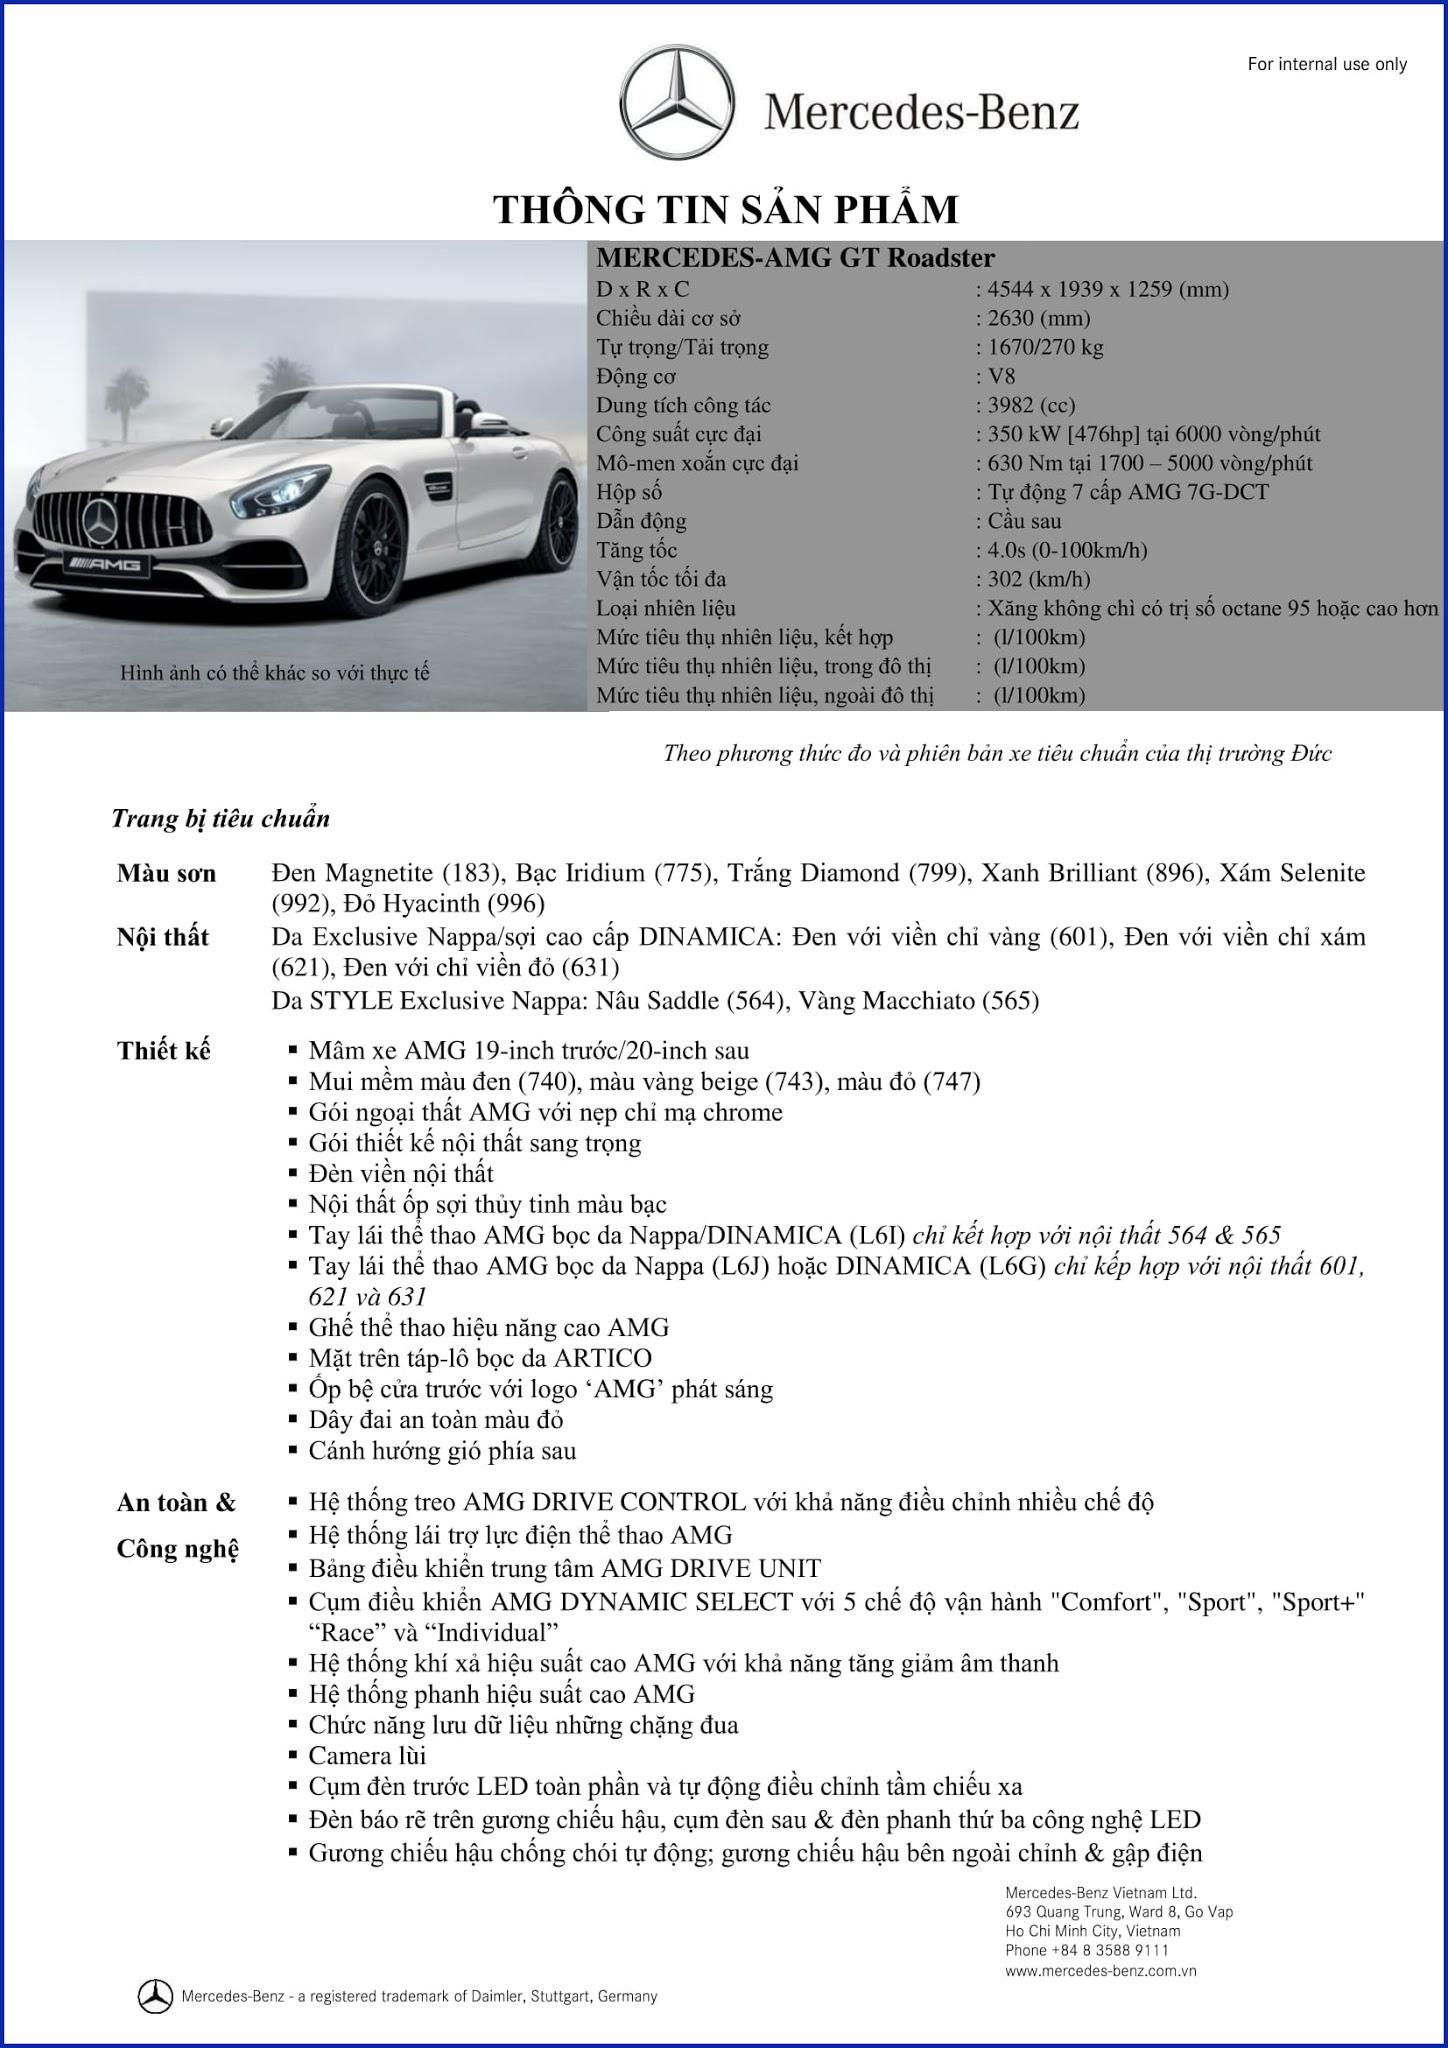 Bảng thông số kỹ thuật Mercedes AMG GT Roadster 2018 tại Mercedes Trường Chinh